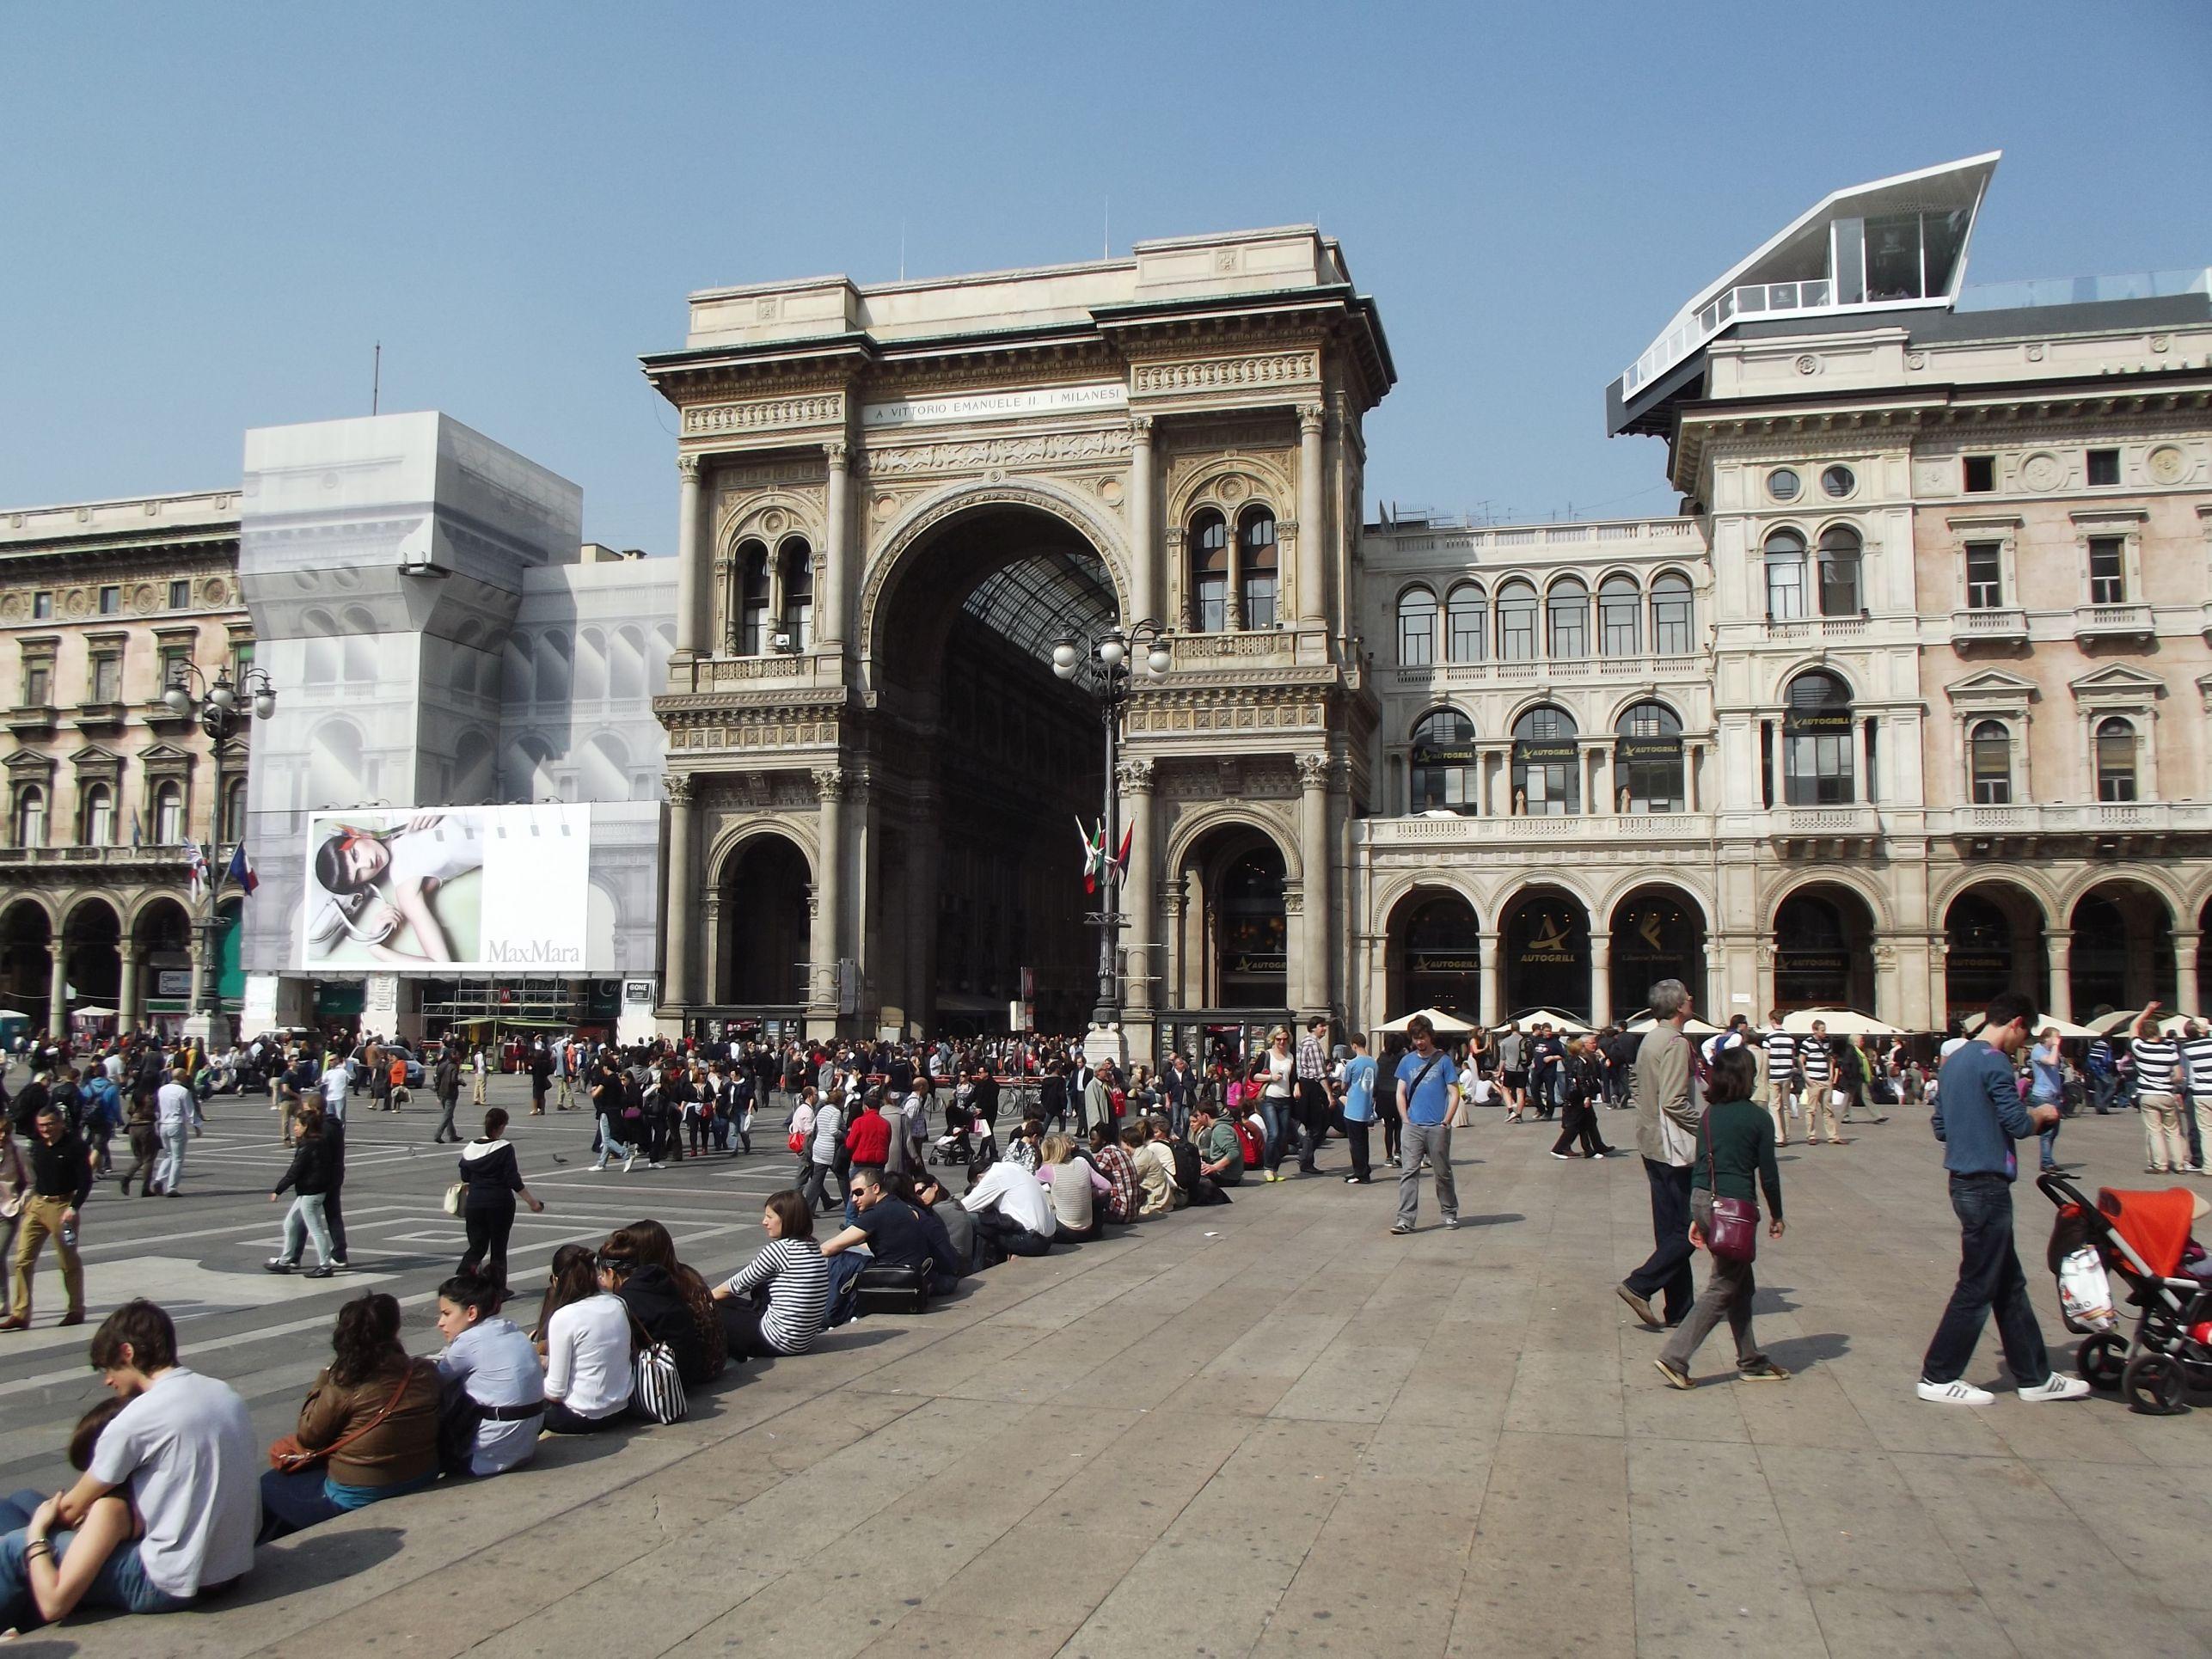 20_Galleria Vittorio Emanuele II.